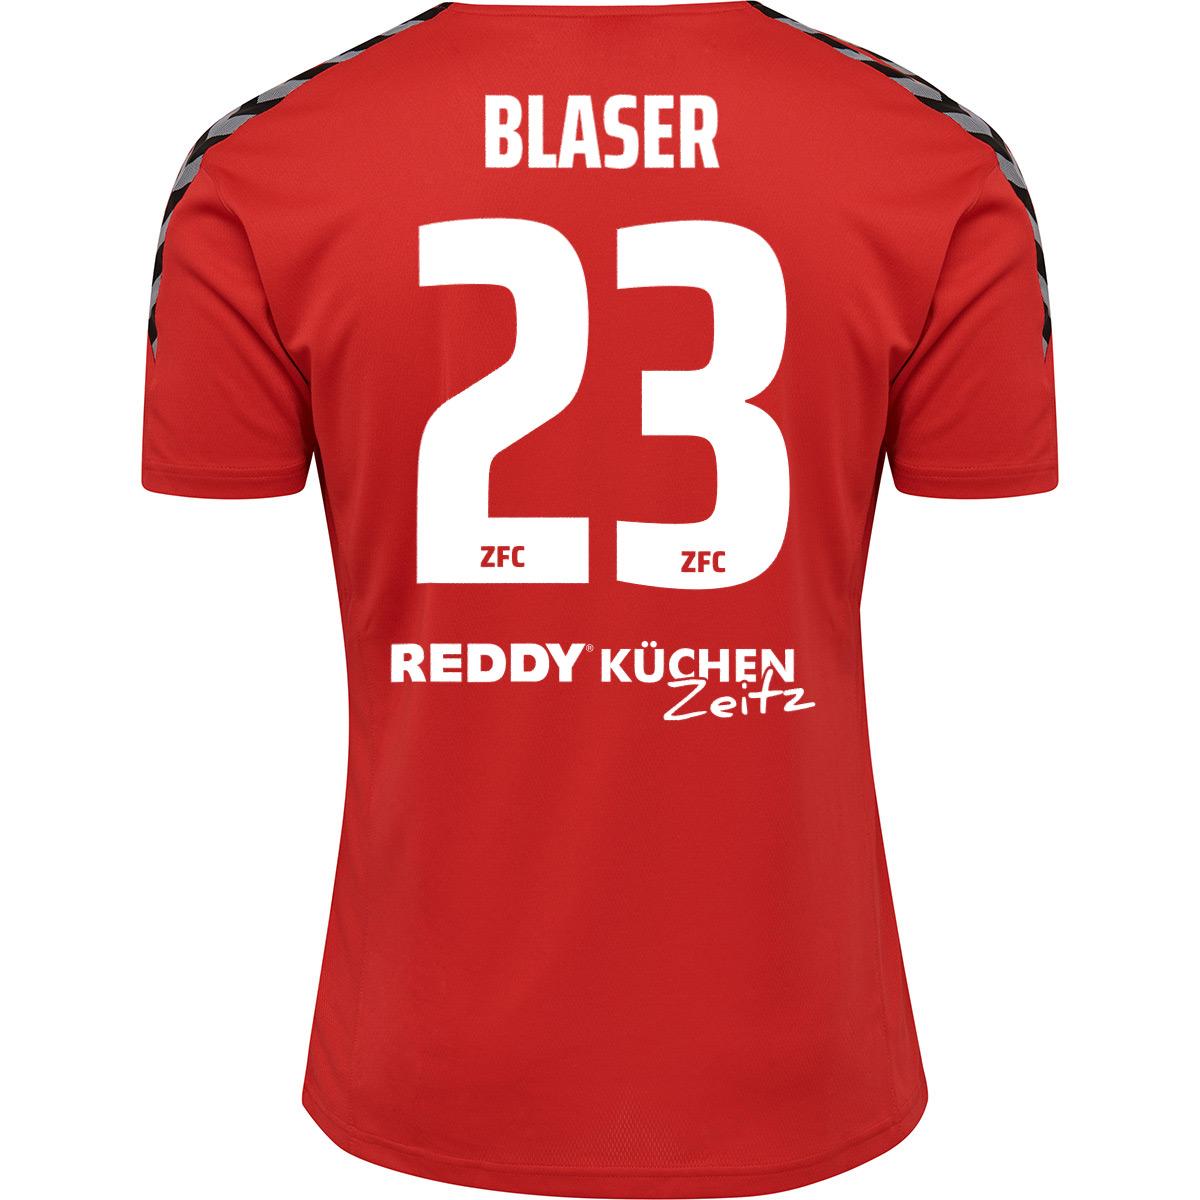 Spielertrikot 2020/2021 - Blaser